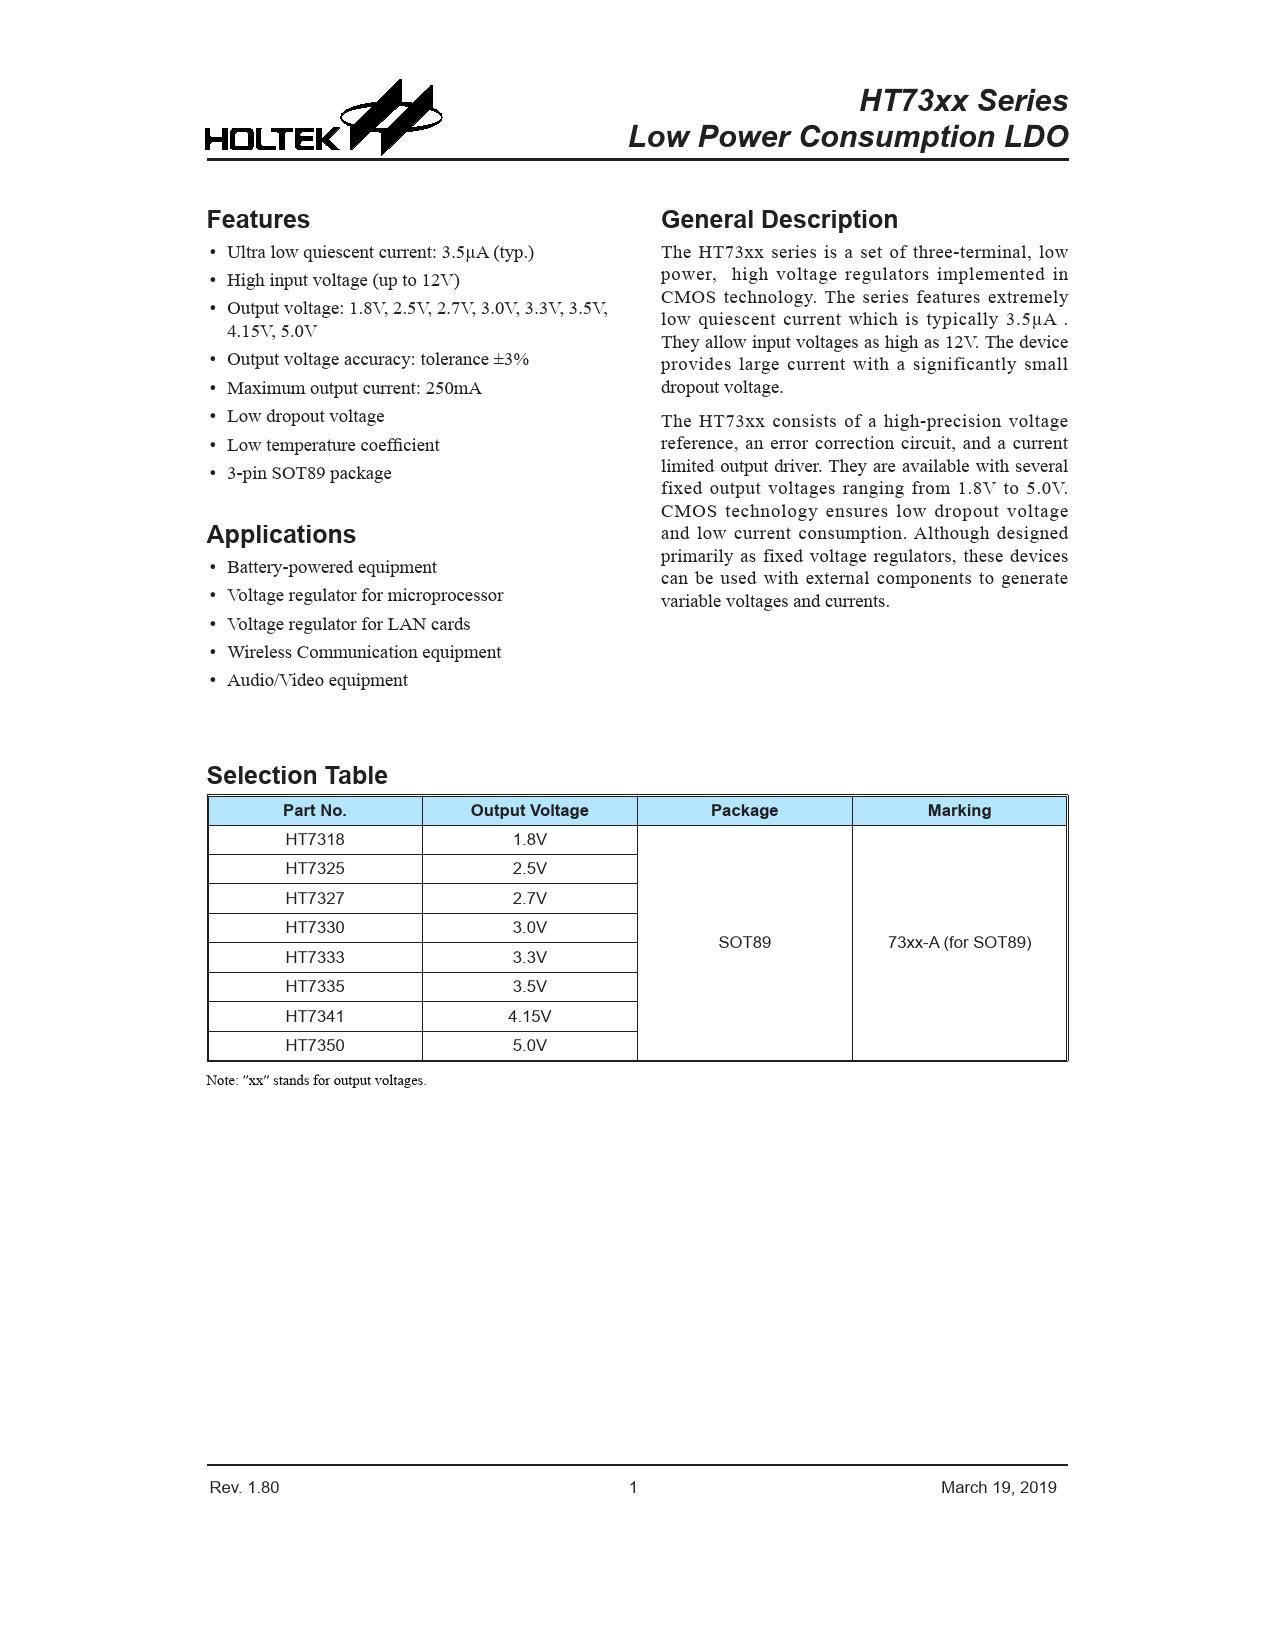 Datasheet HT73xx Holtek